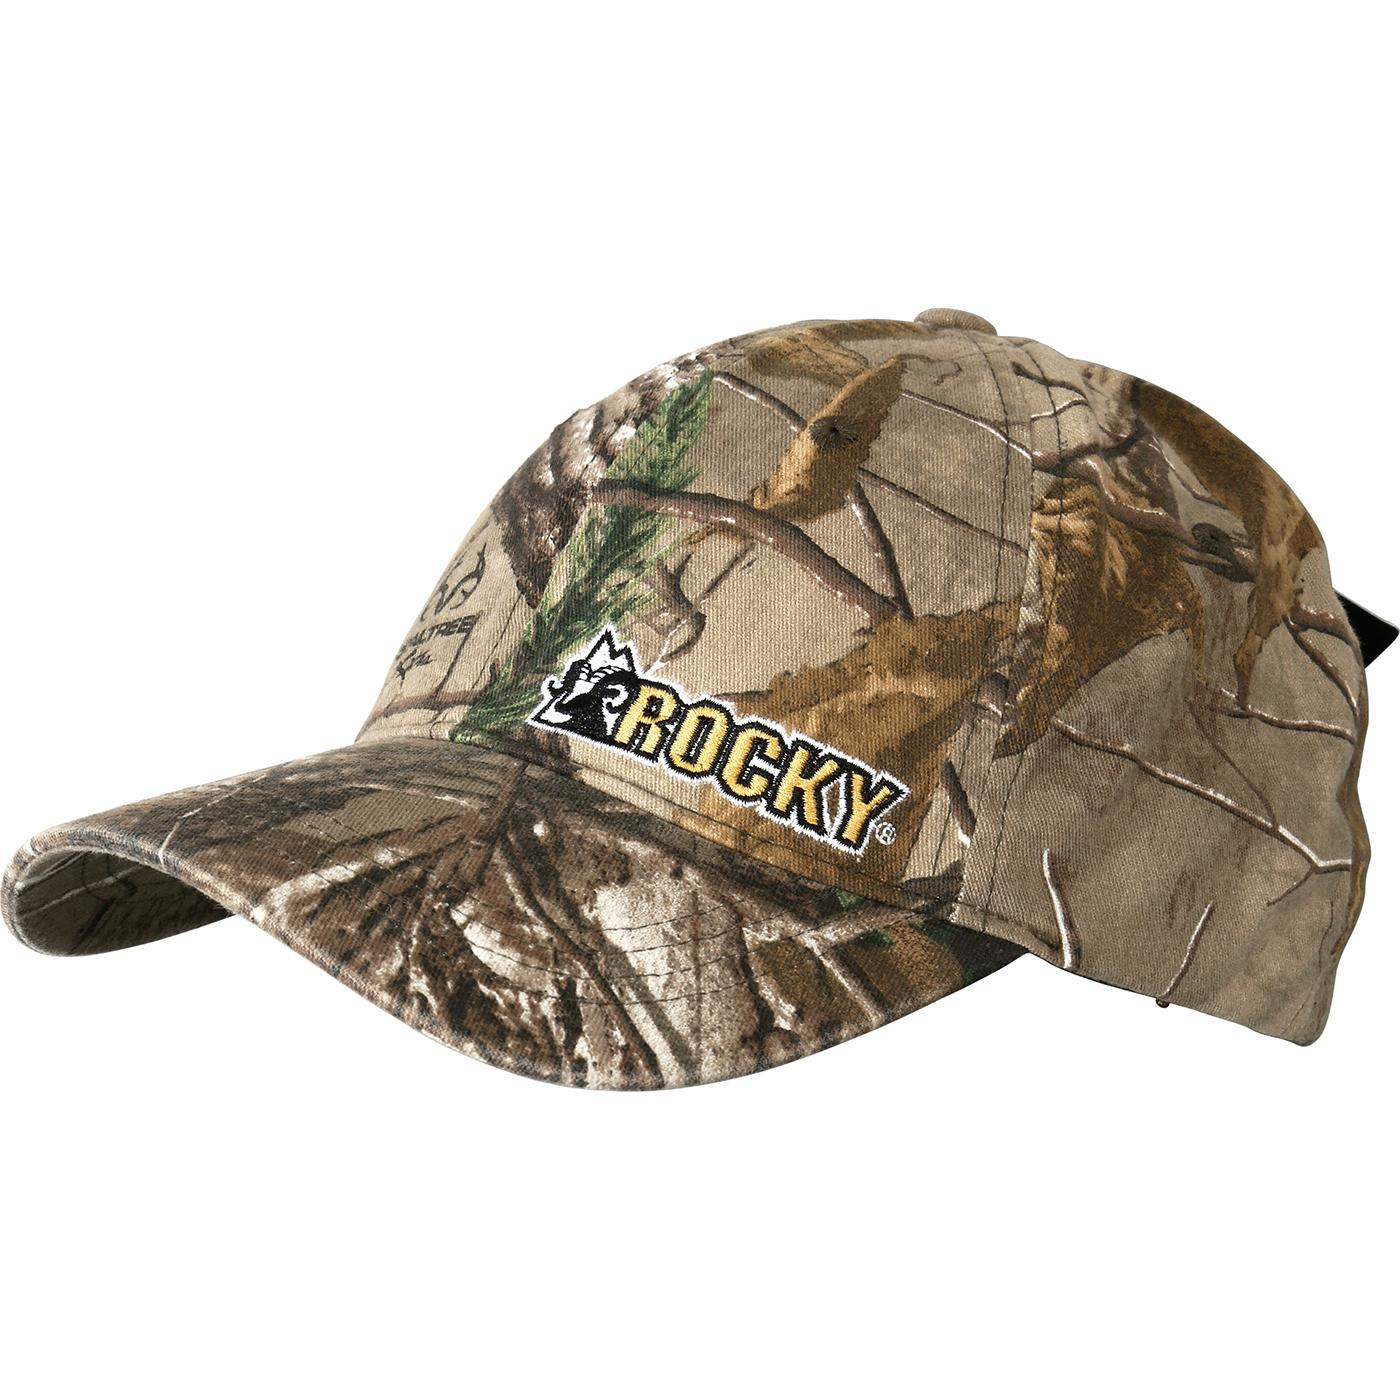 Rocky Boots Camouflage Men s Flex Fit Ball Cap ab06d44ea7b